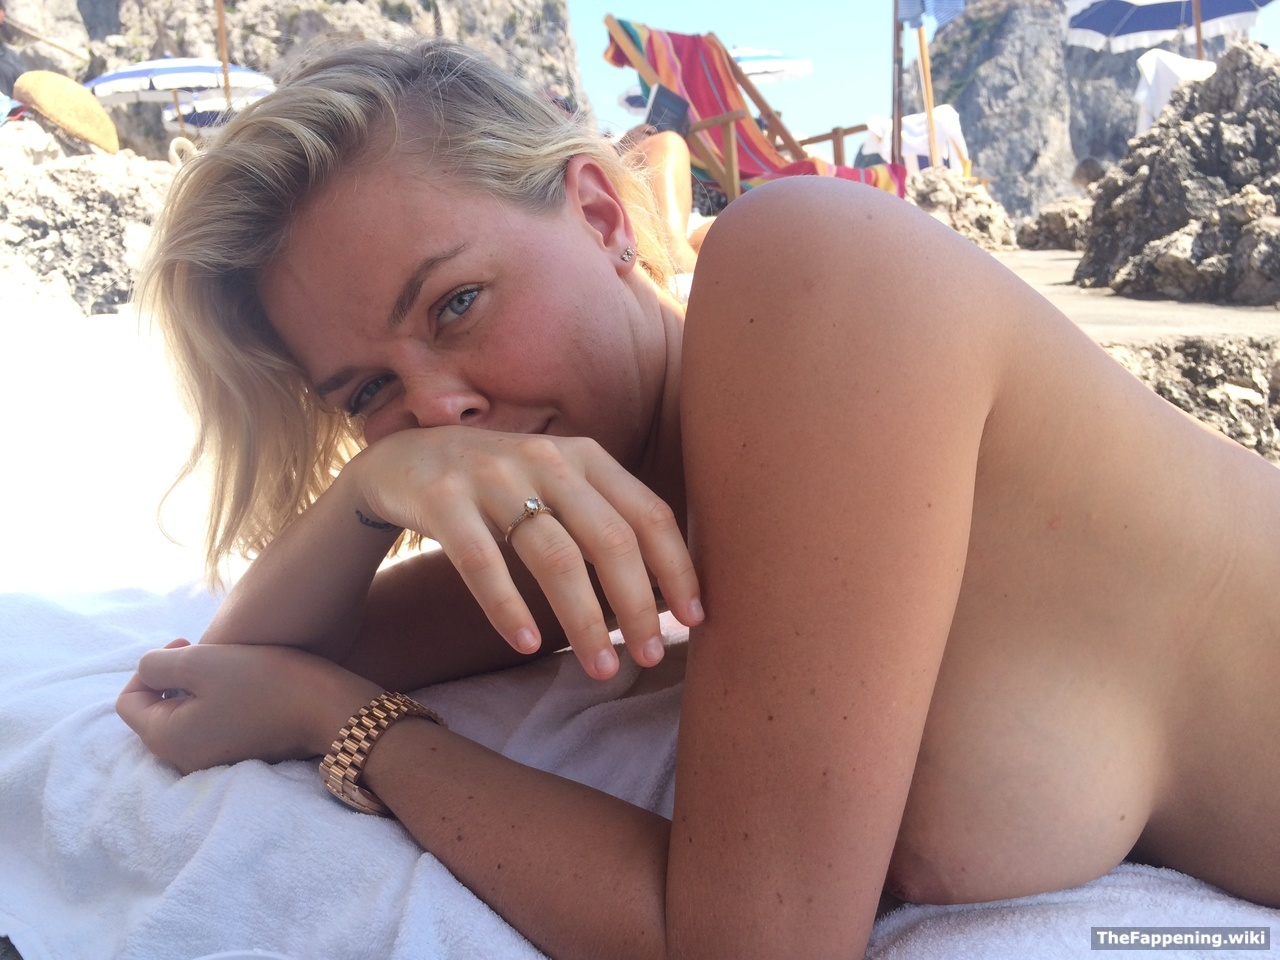 Amanda Ward Sex Tape lara bingle nude pics & vids - the fappening